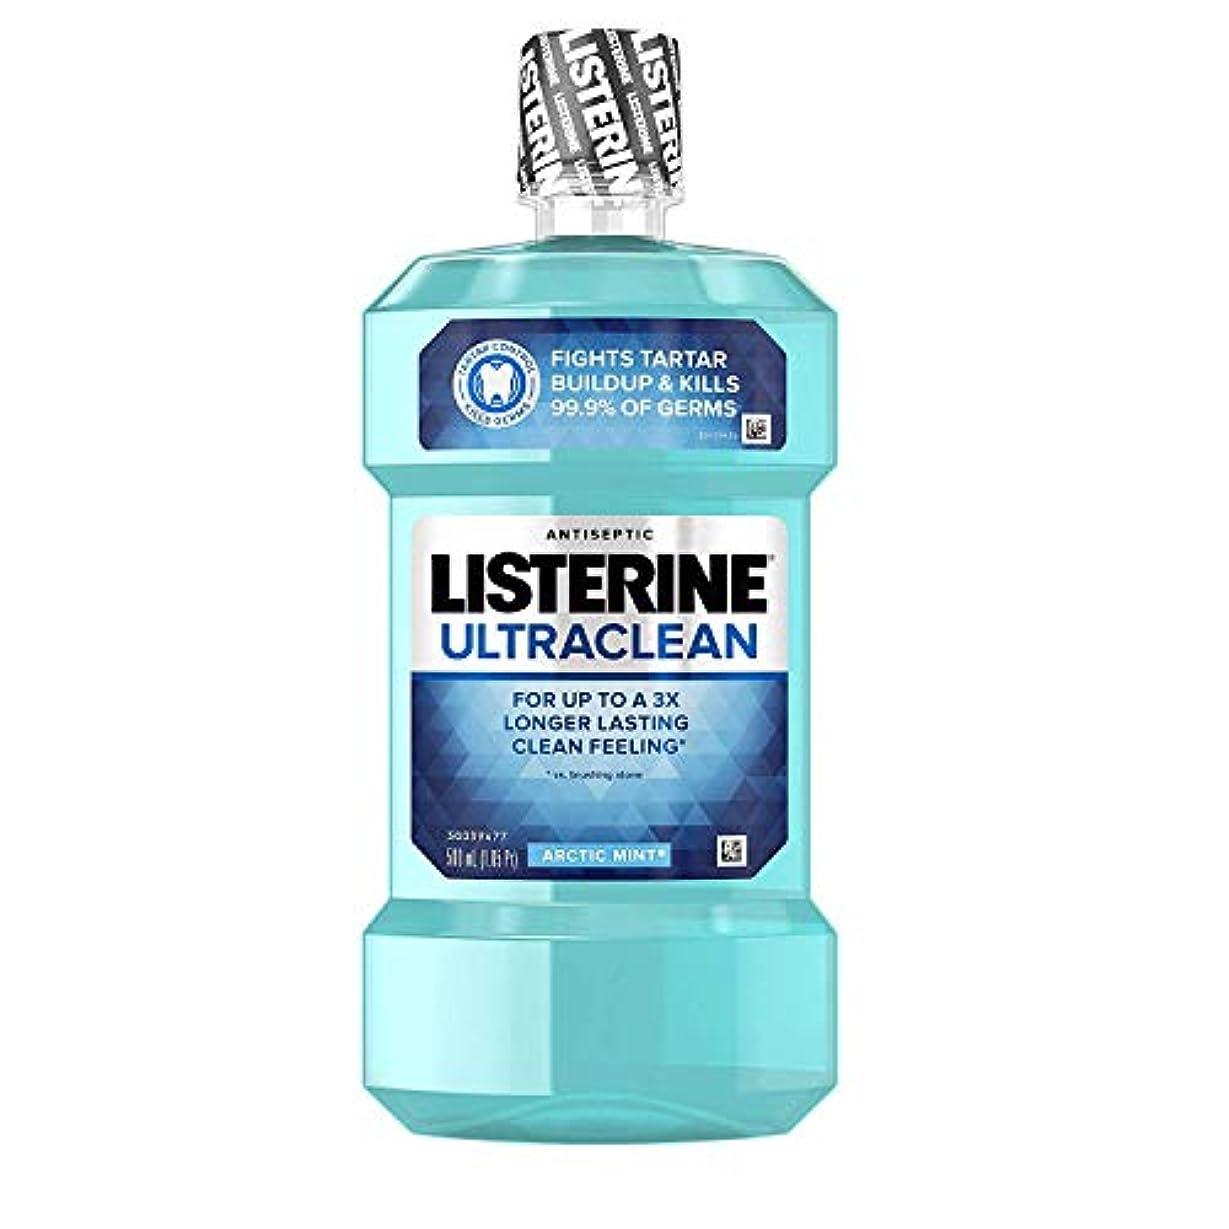 ロマンス省略将来のListerine ウルトラクリーン消毒うがい薬北極ミント - 16.9オズ、6パック